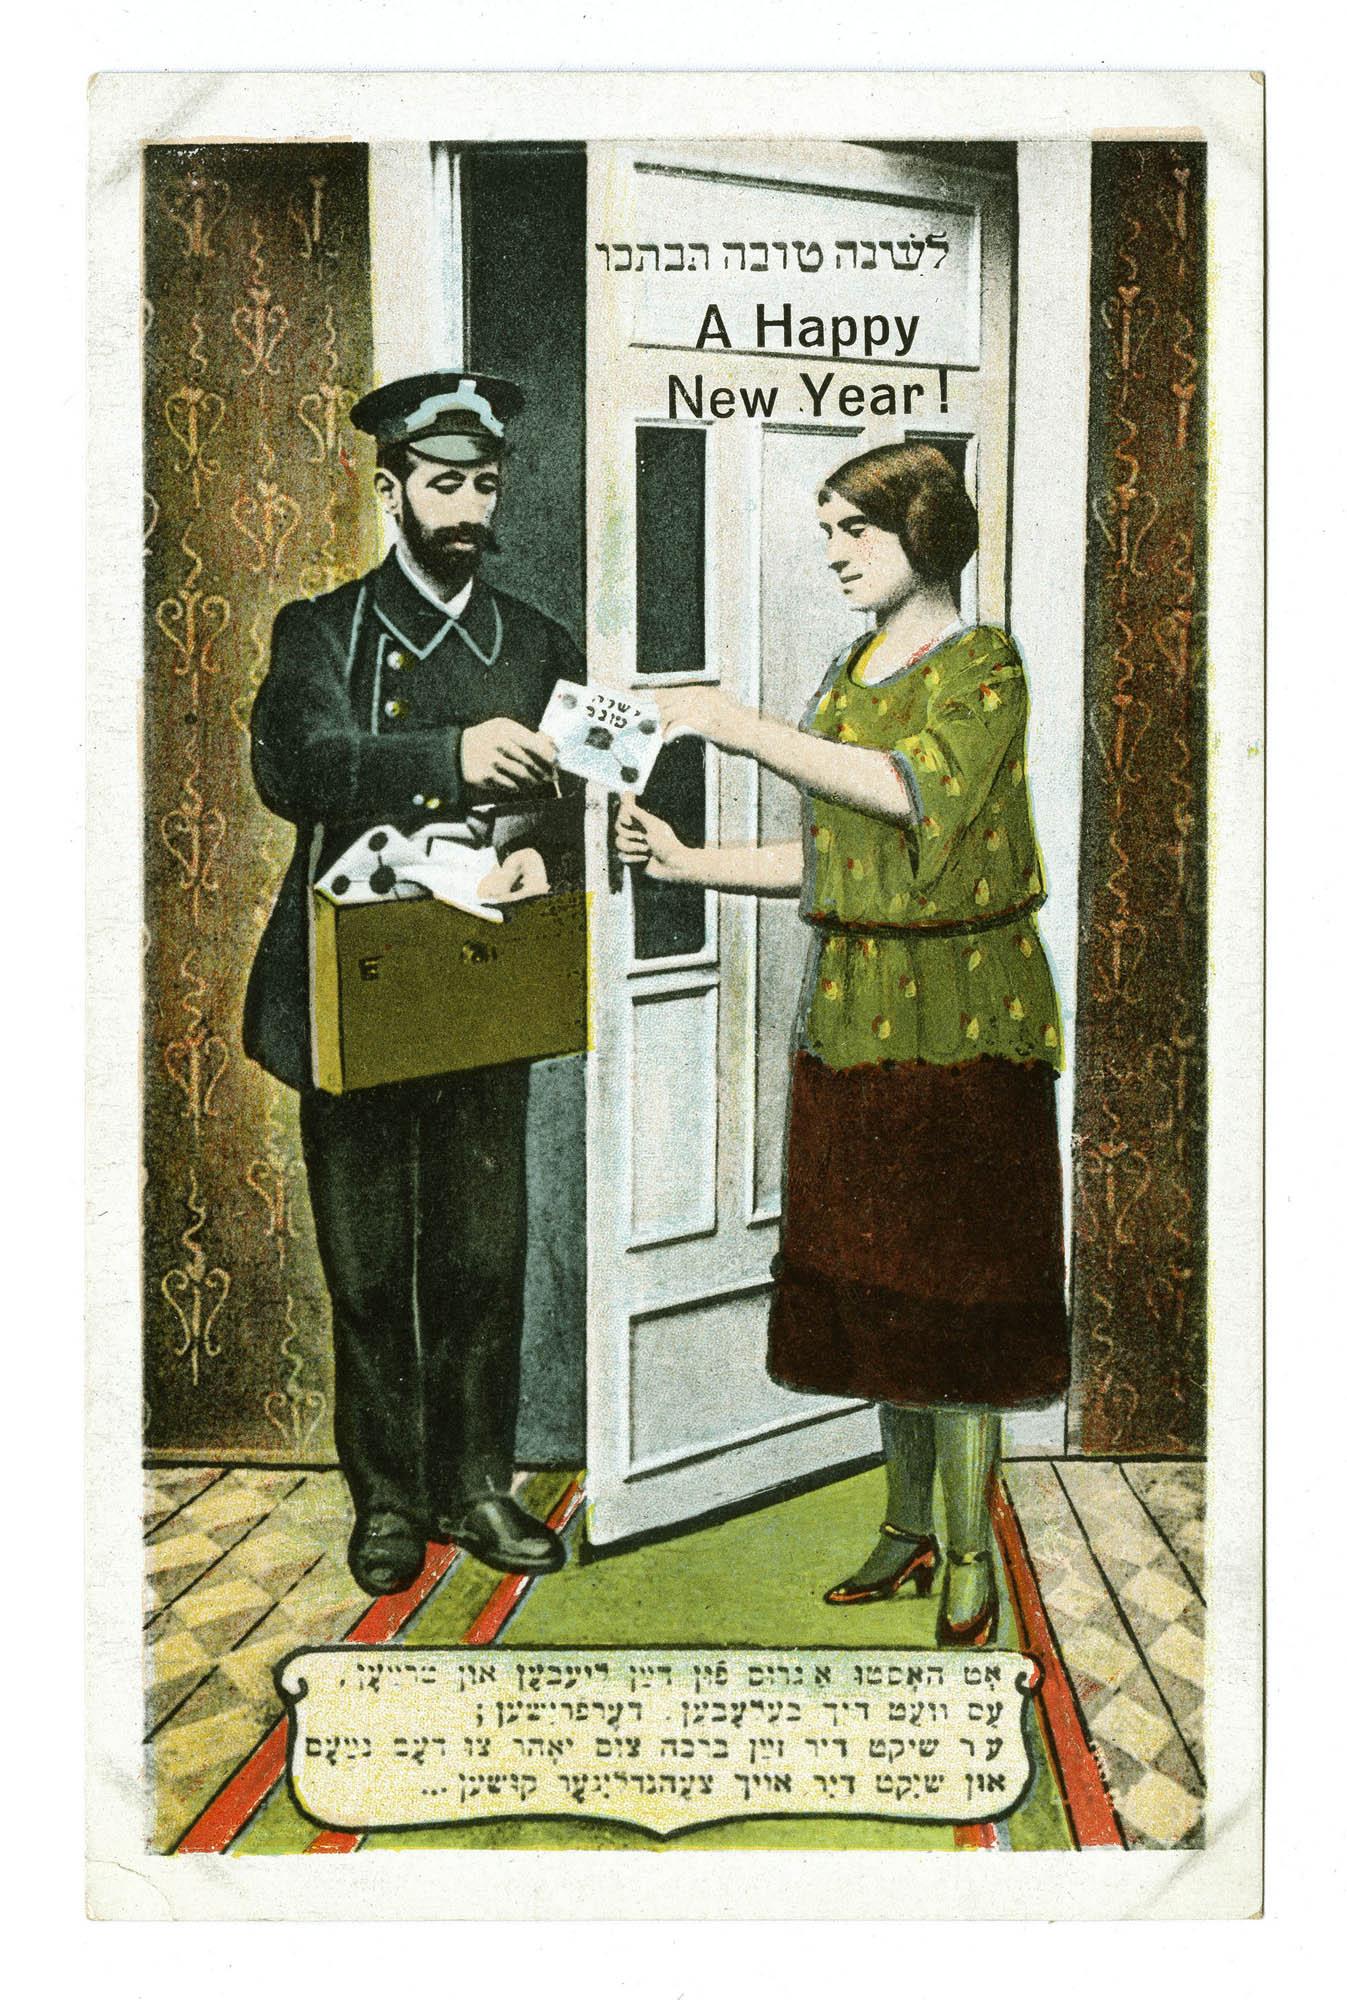 A Happy New Year! / לשנה טובה תכתבו